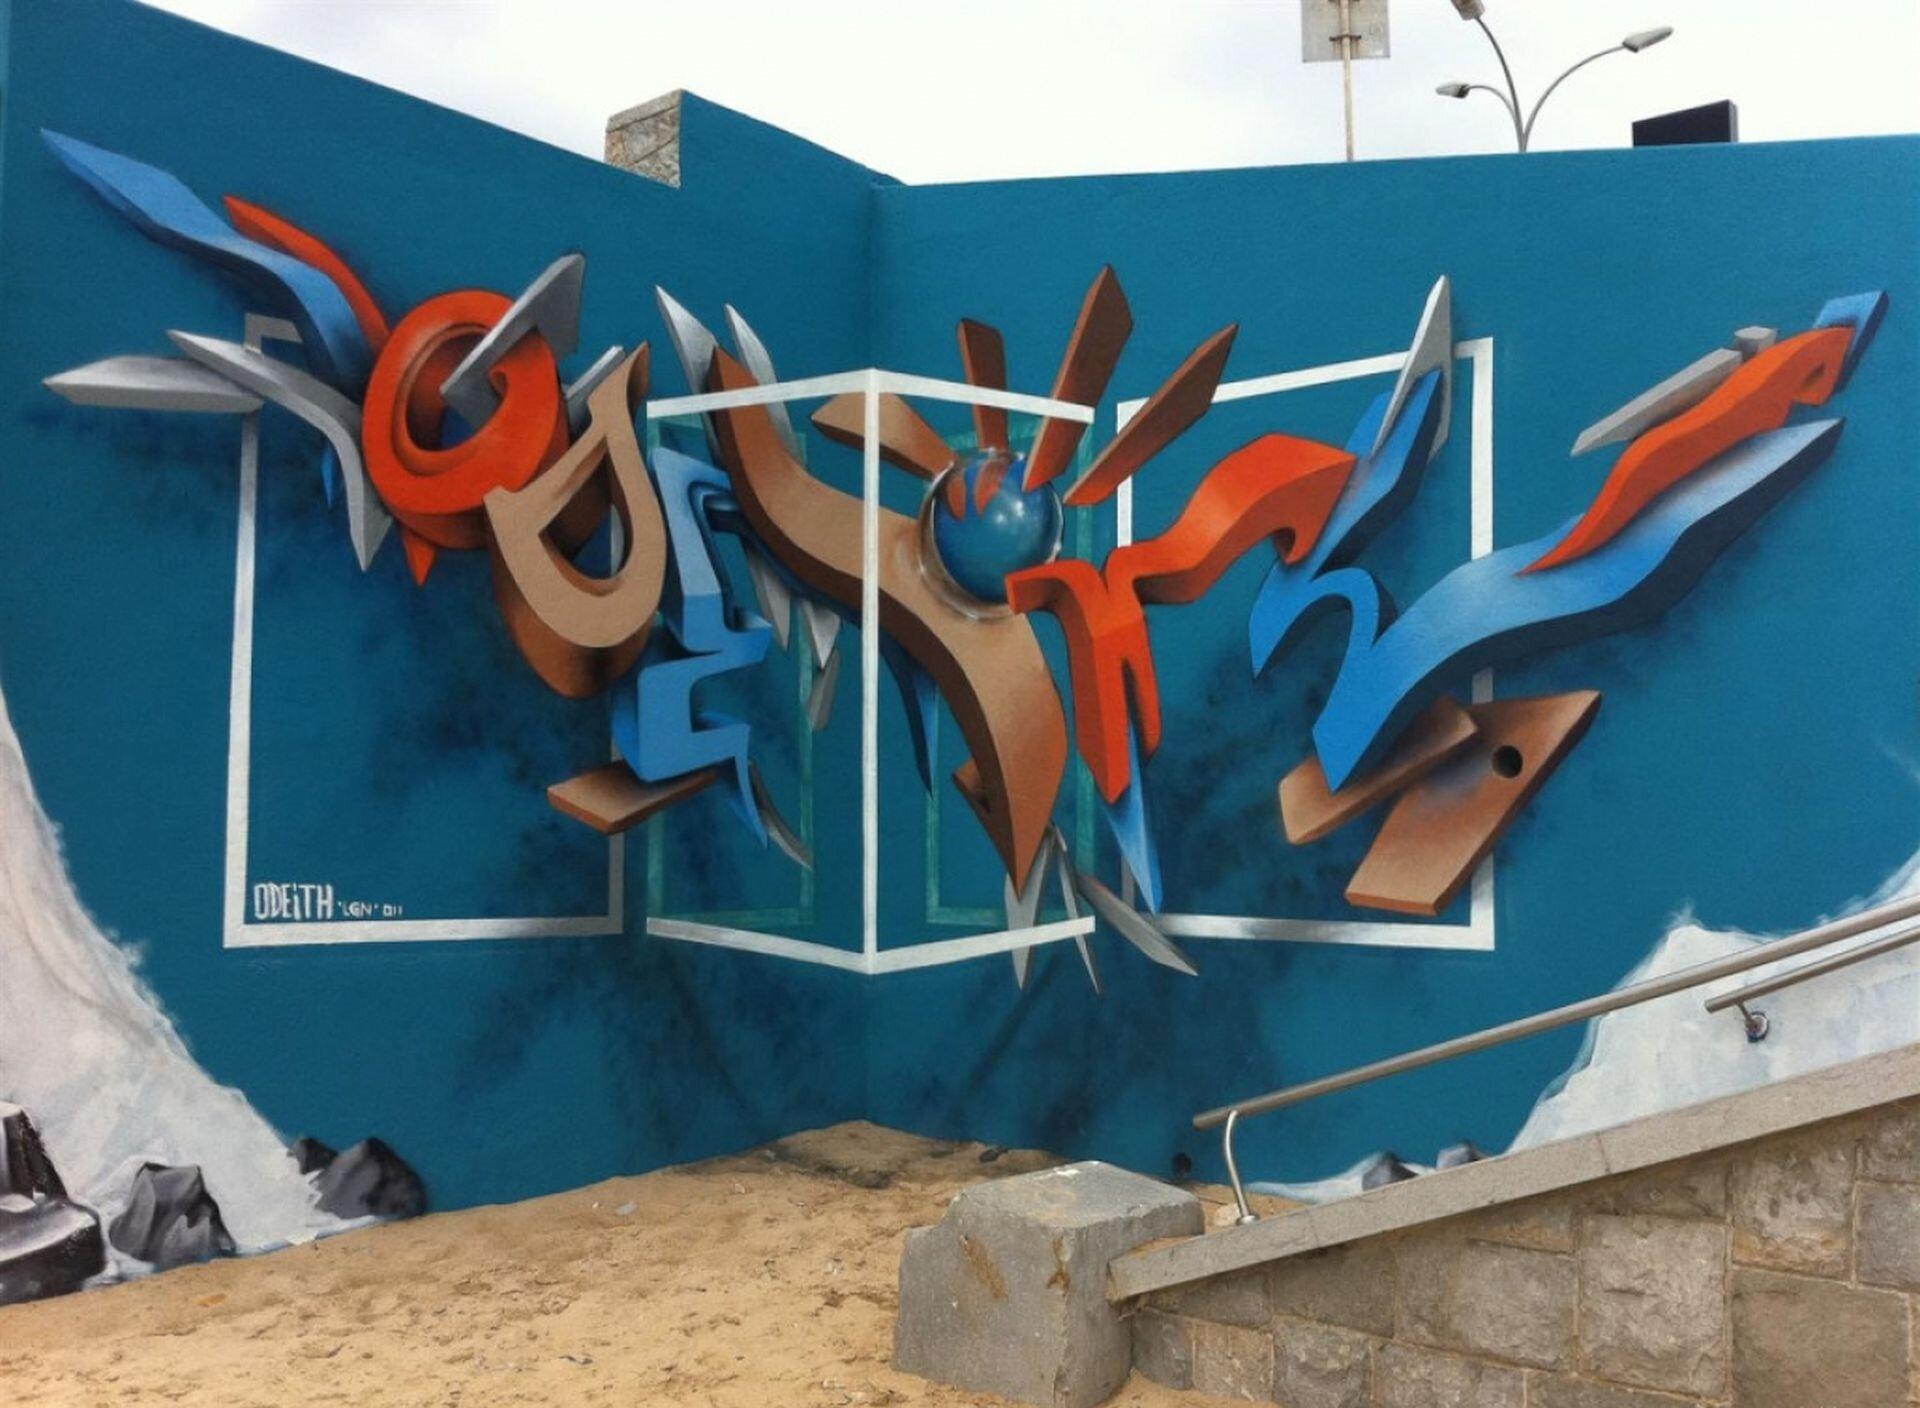 Ilustracja przedstawia graffiti Sergio Odeith'a. Ukazuje wielobarwny napis zamieszczony wrogu muru wtaki sposób, że tworzy efekt trójwymiarowy. Na ścianie ipodłodze został namalowany cień napisu. Dodatkowo wprowadzono biały kontur łamanej ściany składającej się zczterech części.